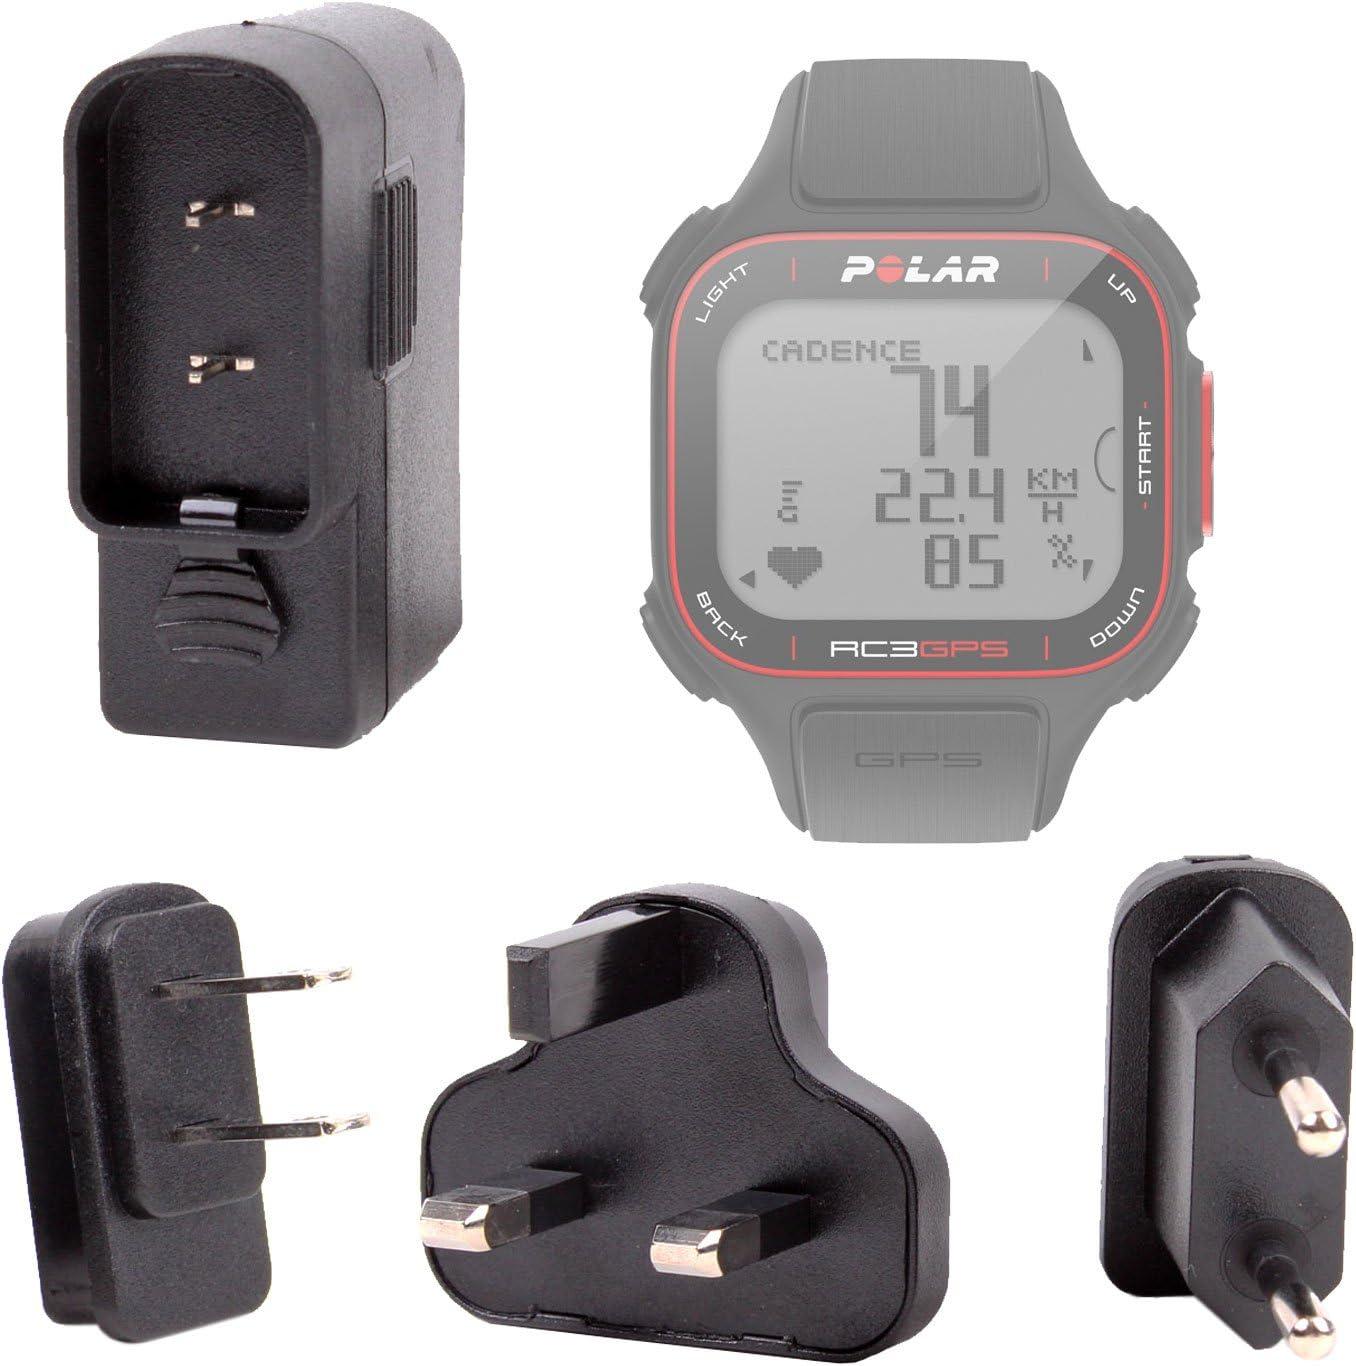 DURAGADGET Cargador De Viaje para Reloj Polar RC3 GPS Bike - con Adaptadores para Reino Unido, EU Y EEUU